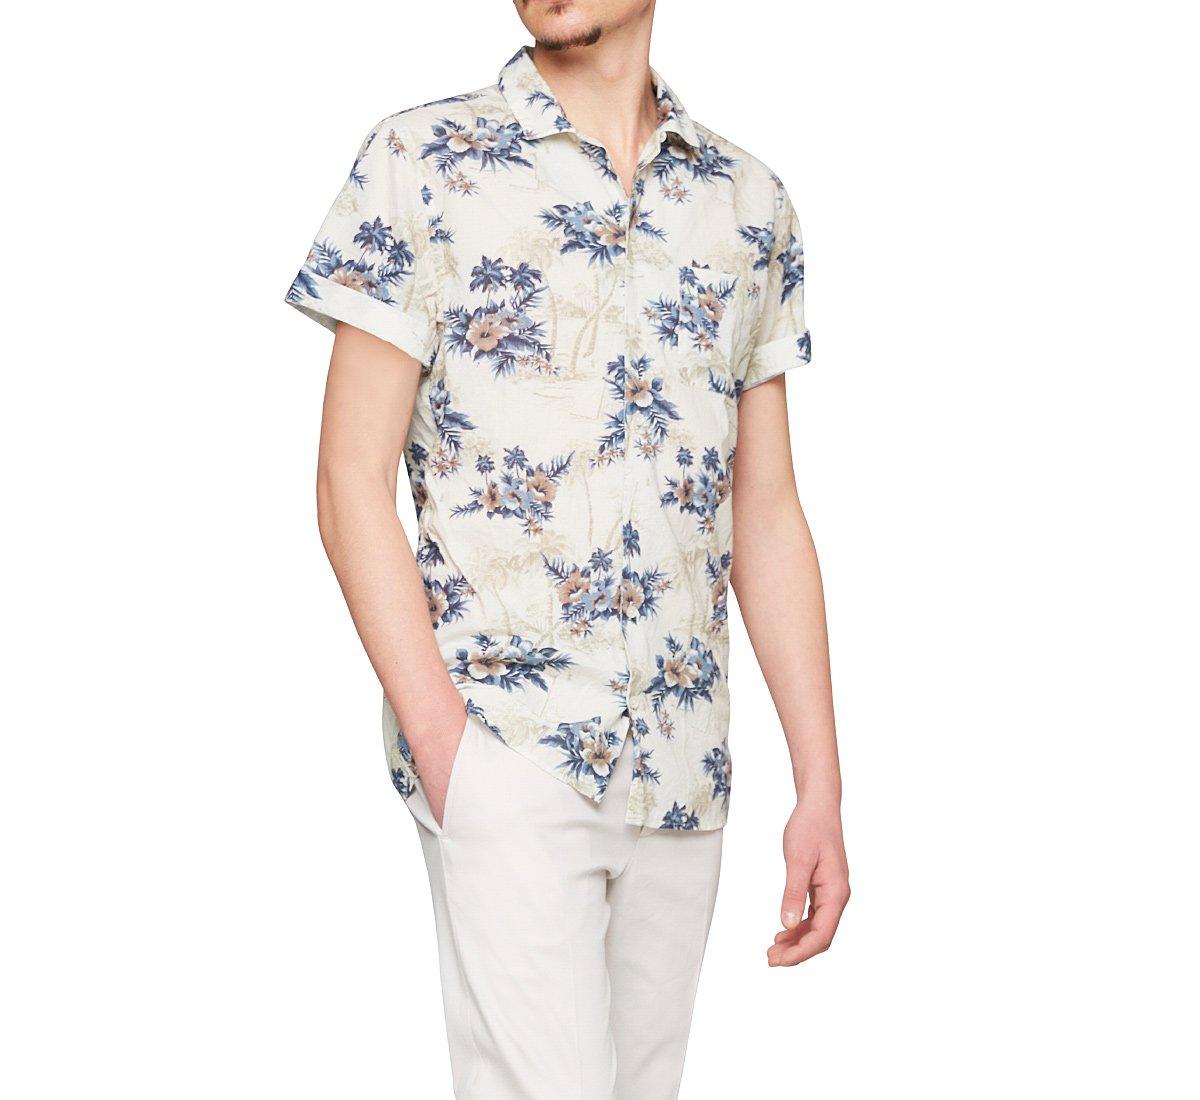 Camicia in stile floreale